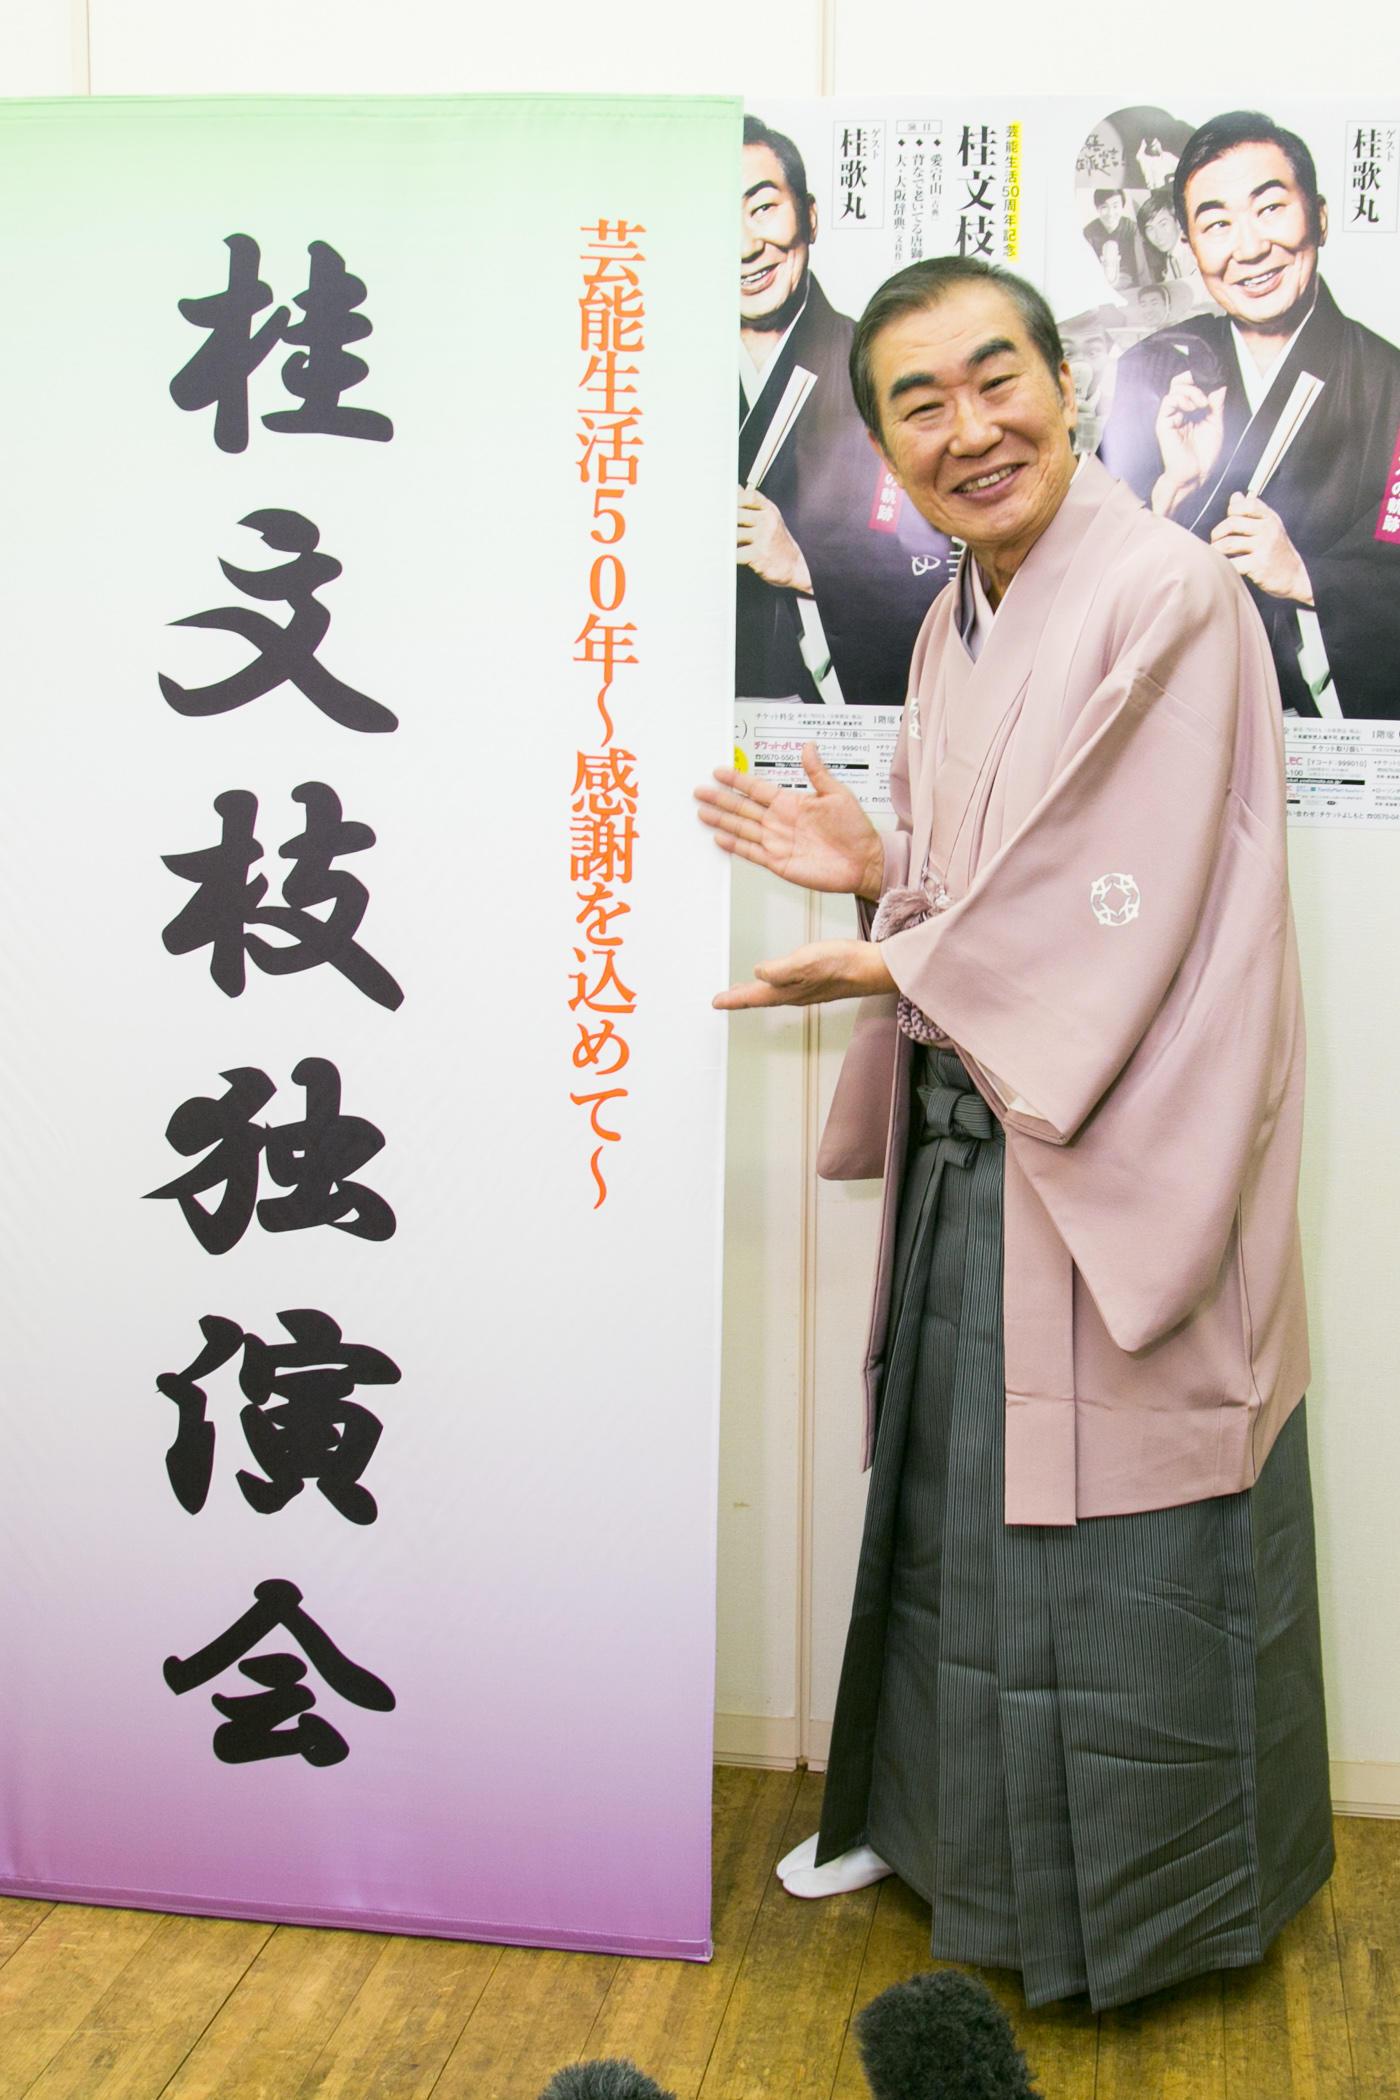 http://news.yoshimoto.co.jp/20170305012134-fb2c871e72812efa58842cbcdfe8653364cb801e.jpg